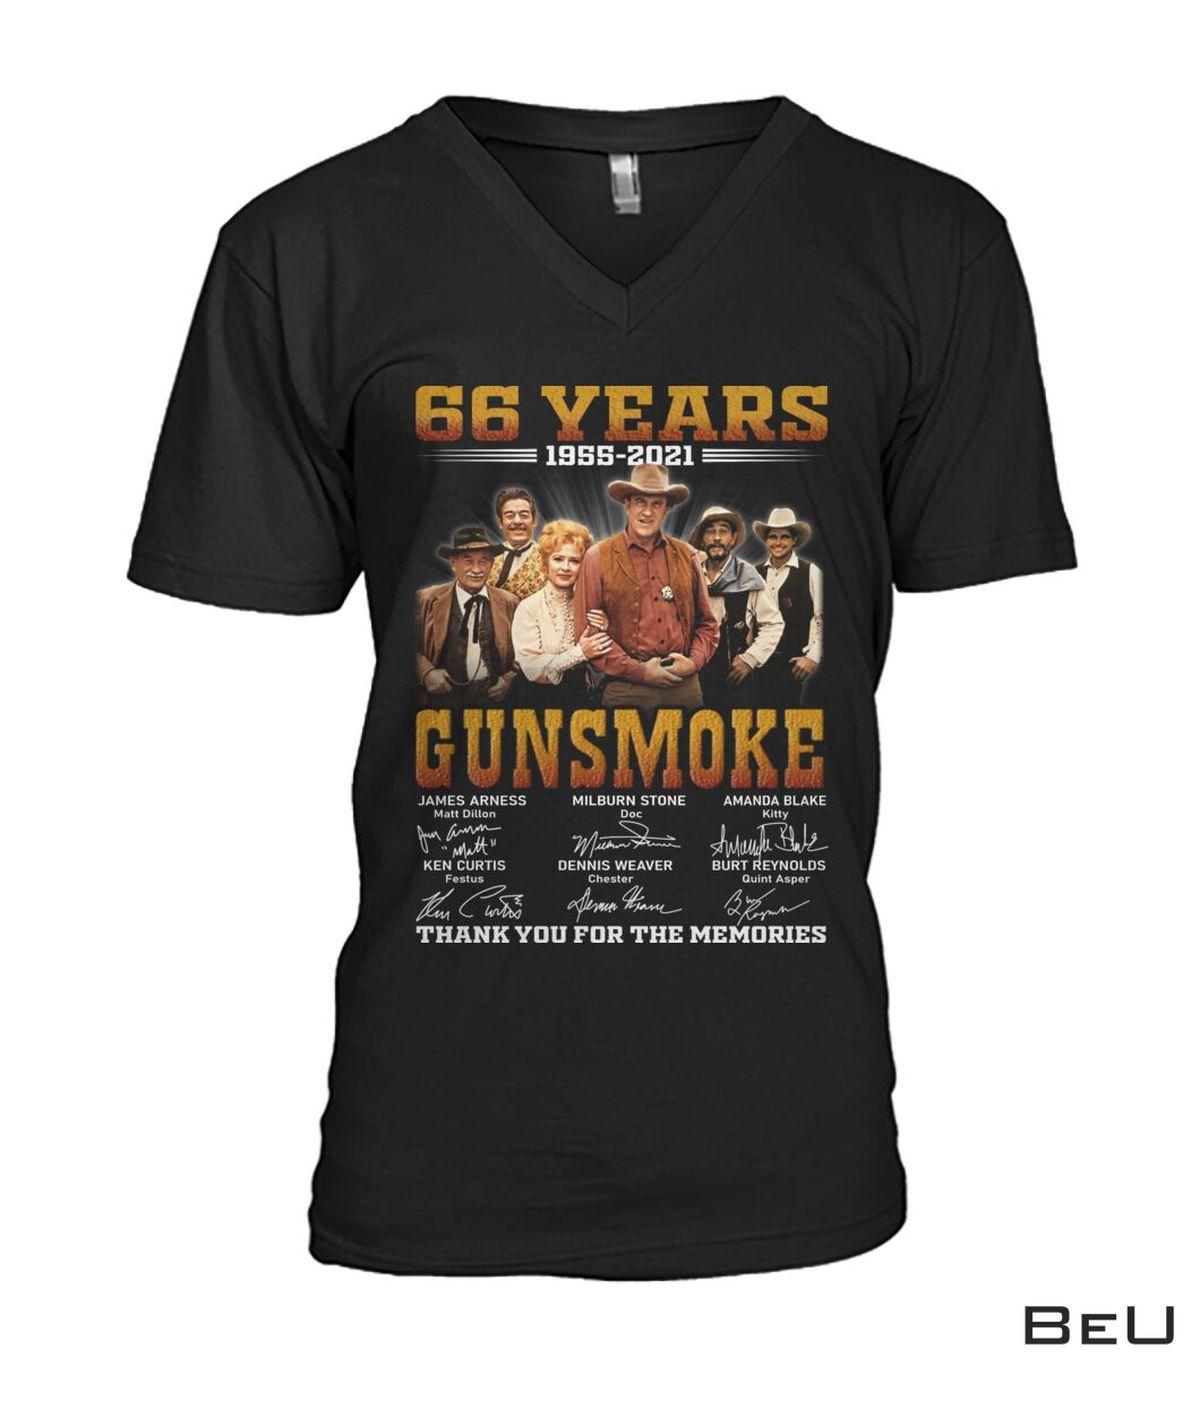 Funny Tee Gunsmoke 66 Years Anniversary Shirt